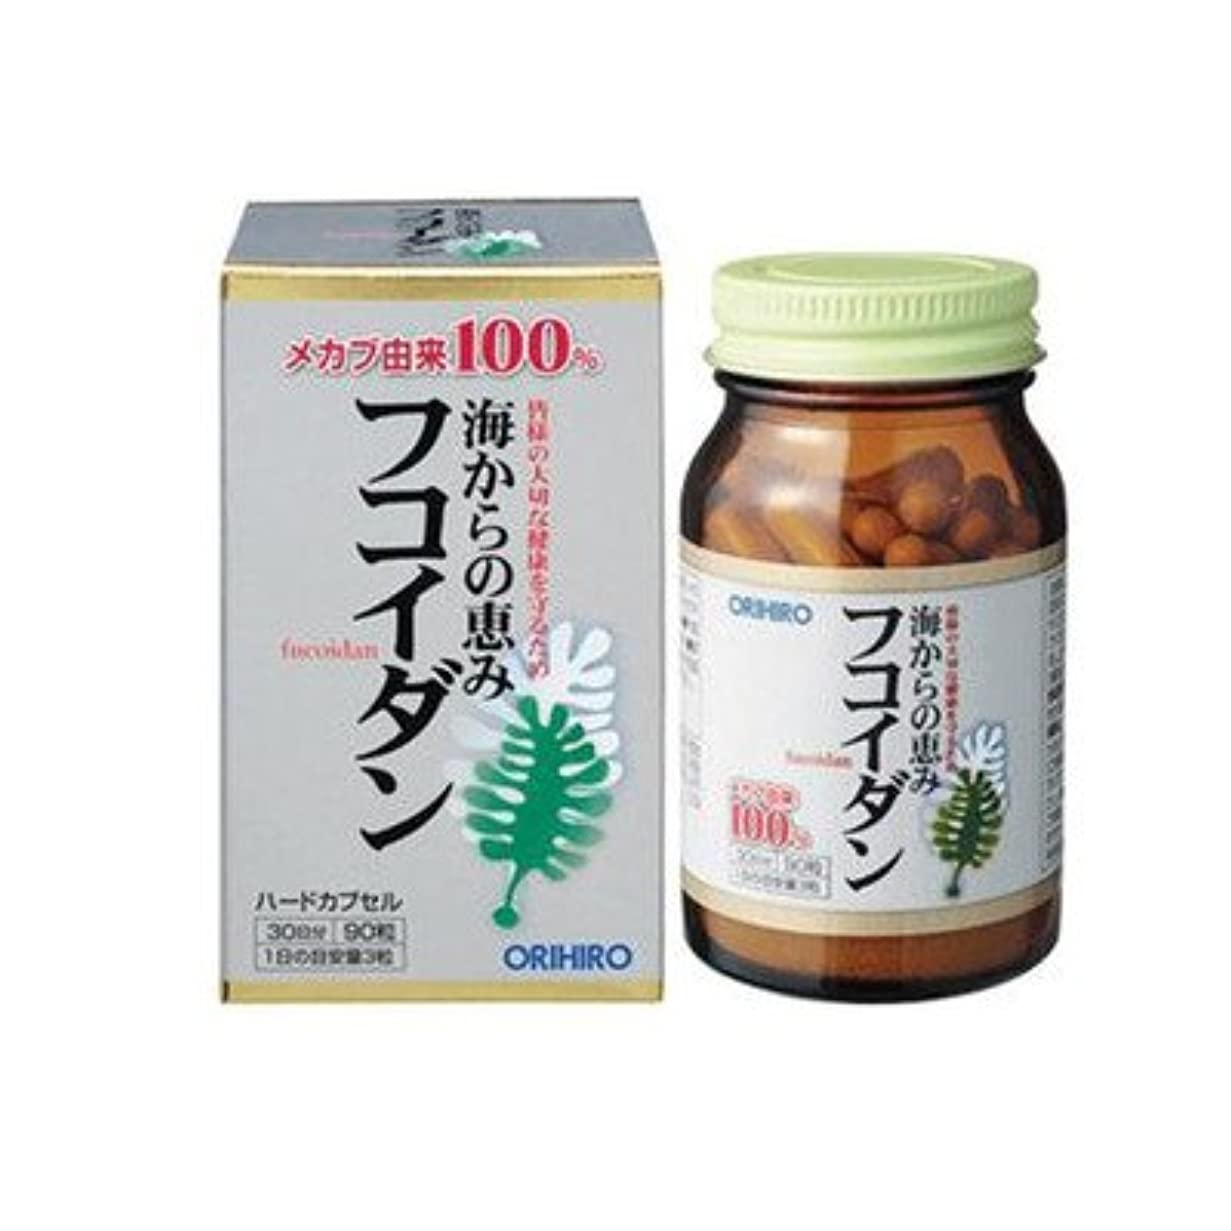 さわやか適性火傷60209192 オリヒロ フコイダン 90粒 毎日のお食事にプラスして健康生活をサポート